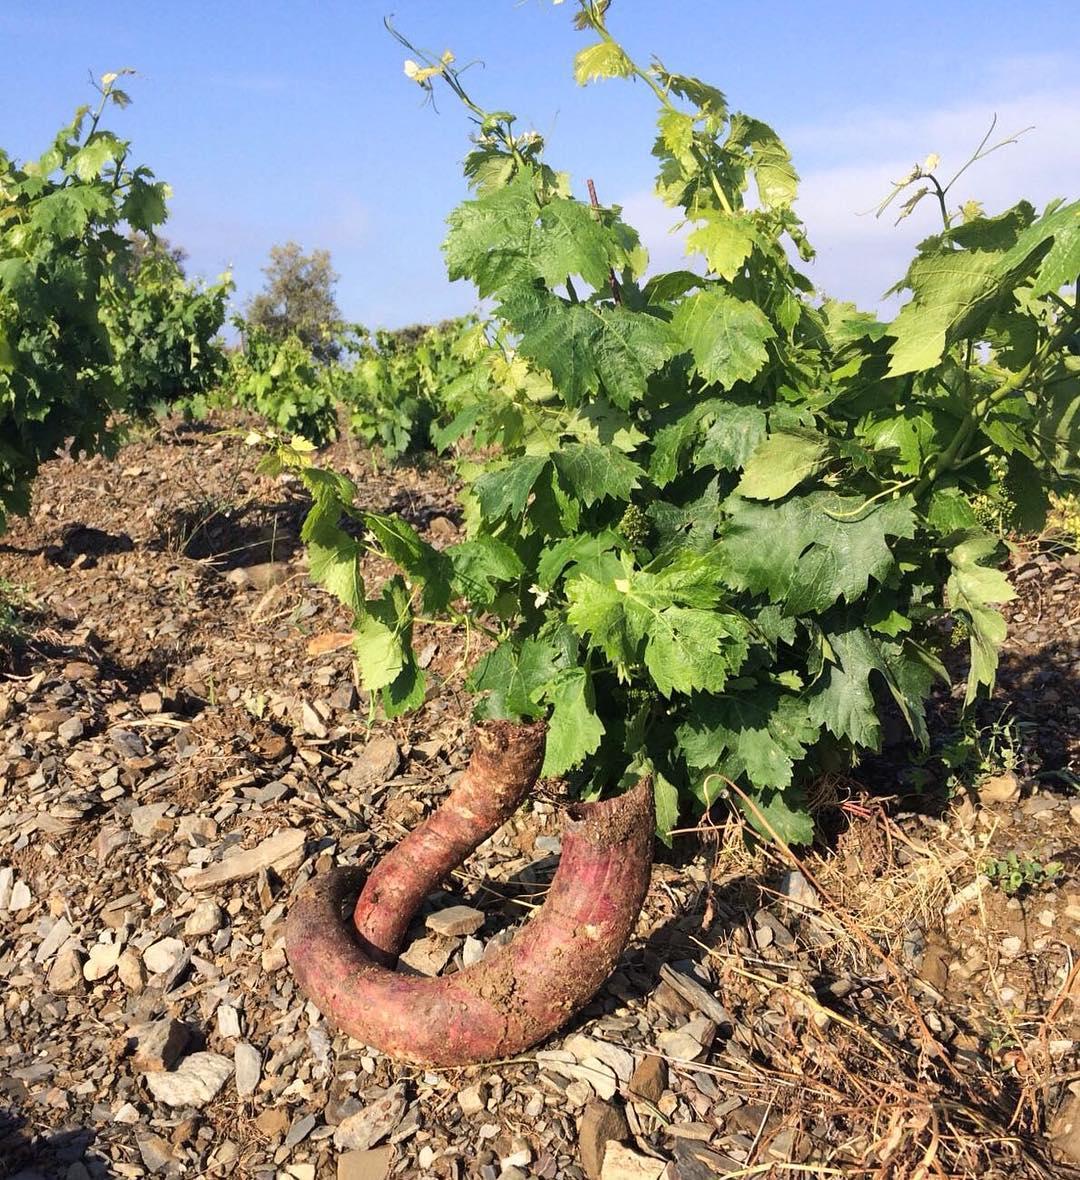 Pràctiques biodinàmiques a la vinya de Gratavinum - el Priorat